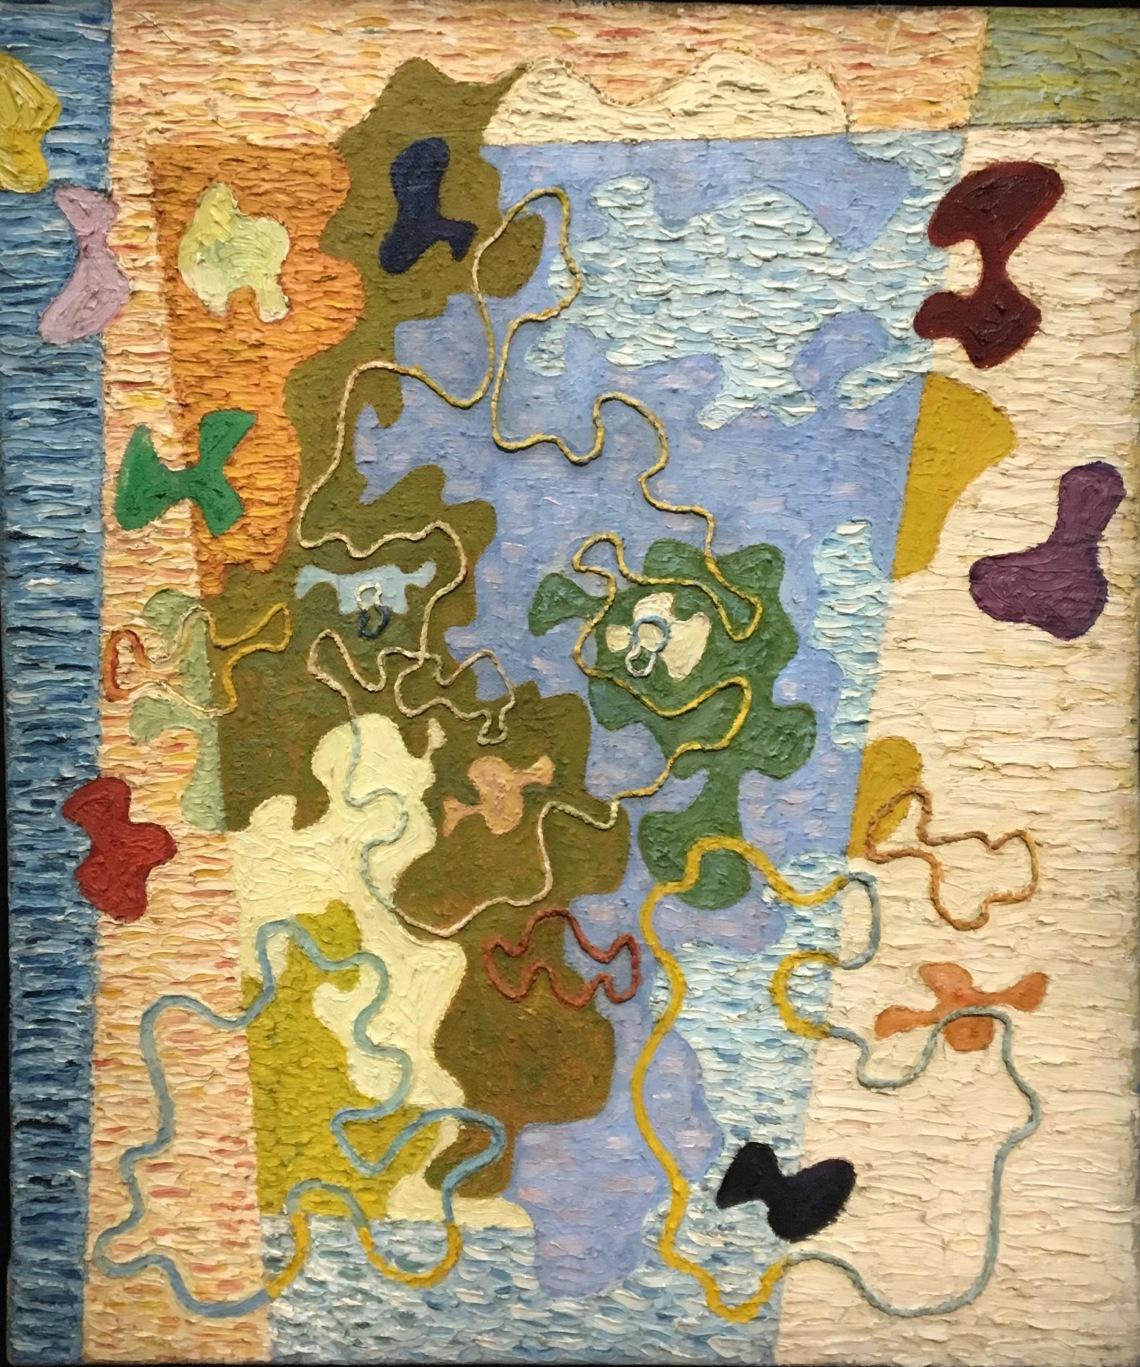 5. Wladylaw Strzeminski, Rémanence lulineuse une femme à la fenêtre, ca.1948. Huile sur toile, Muzeum Sztuki, Lodz.j